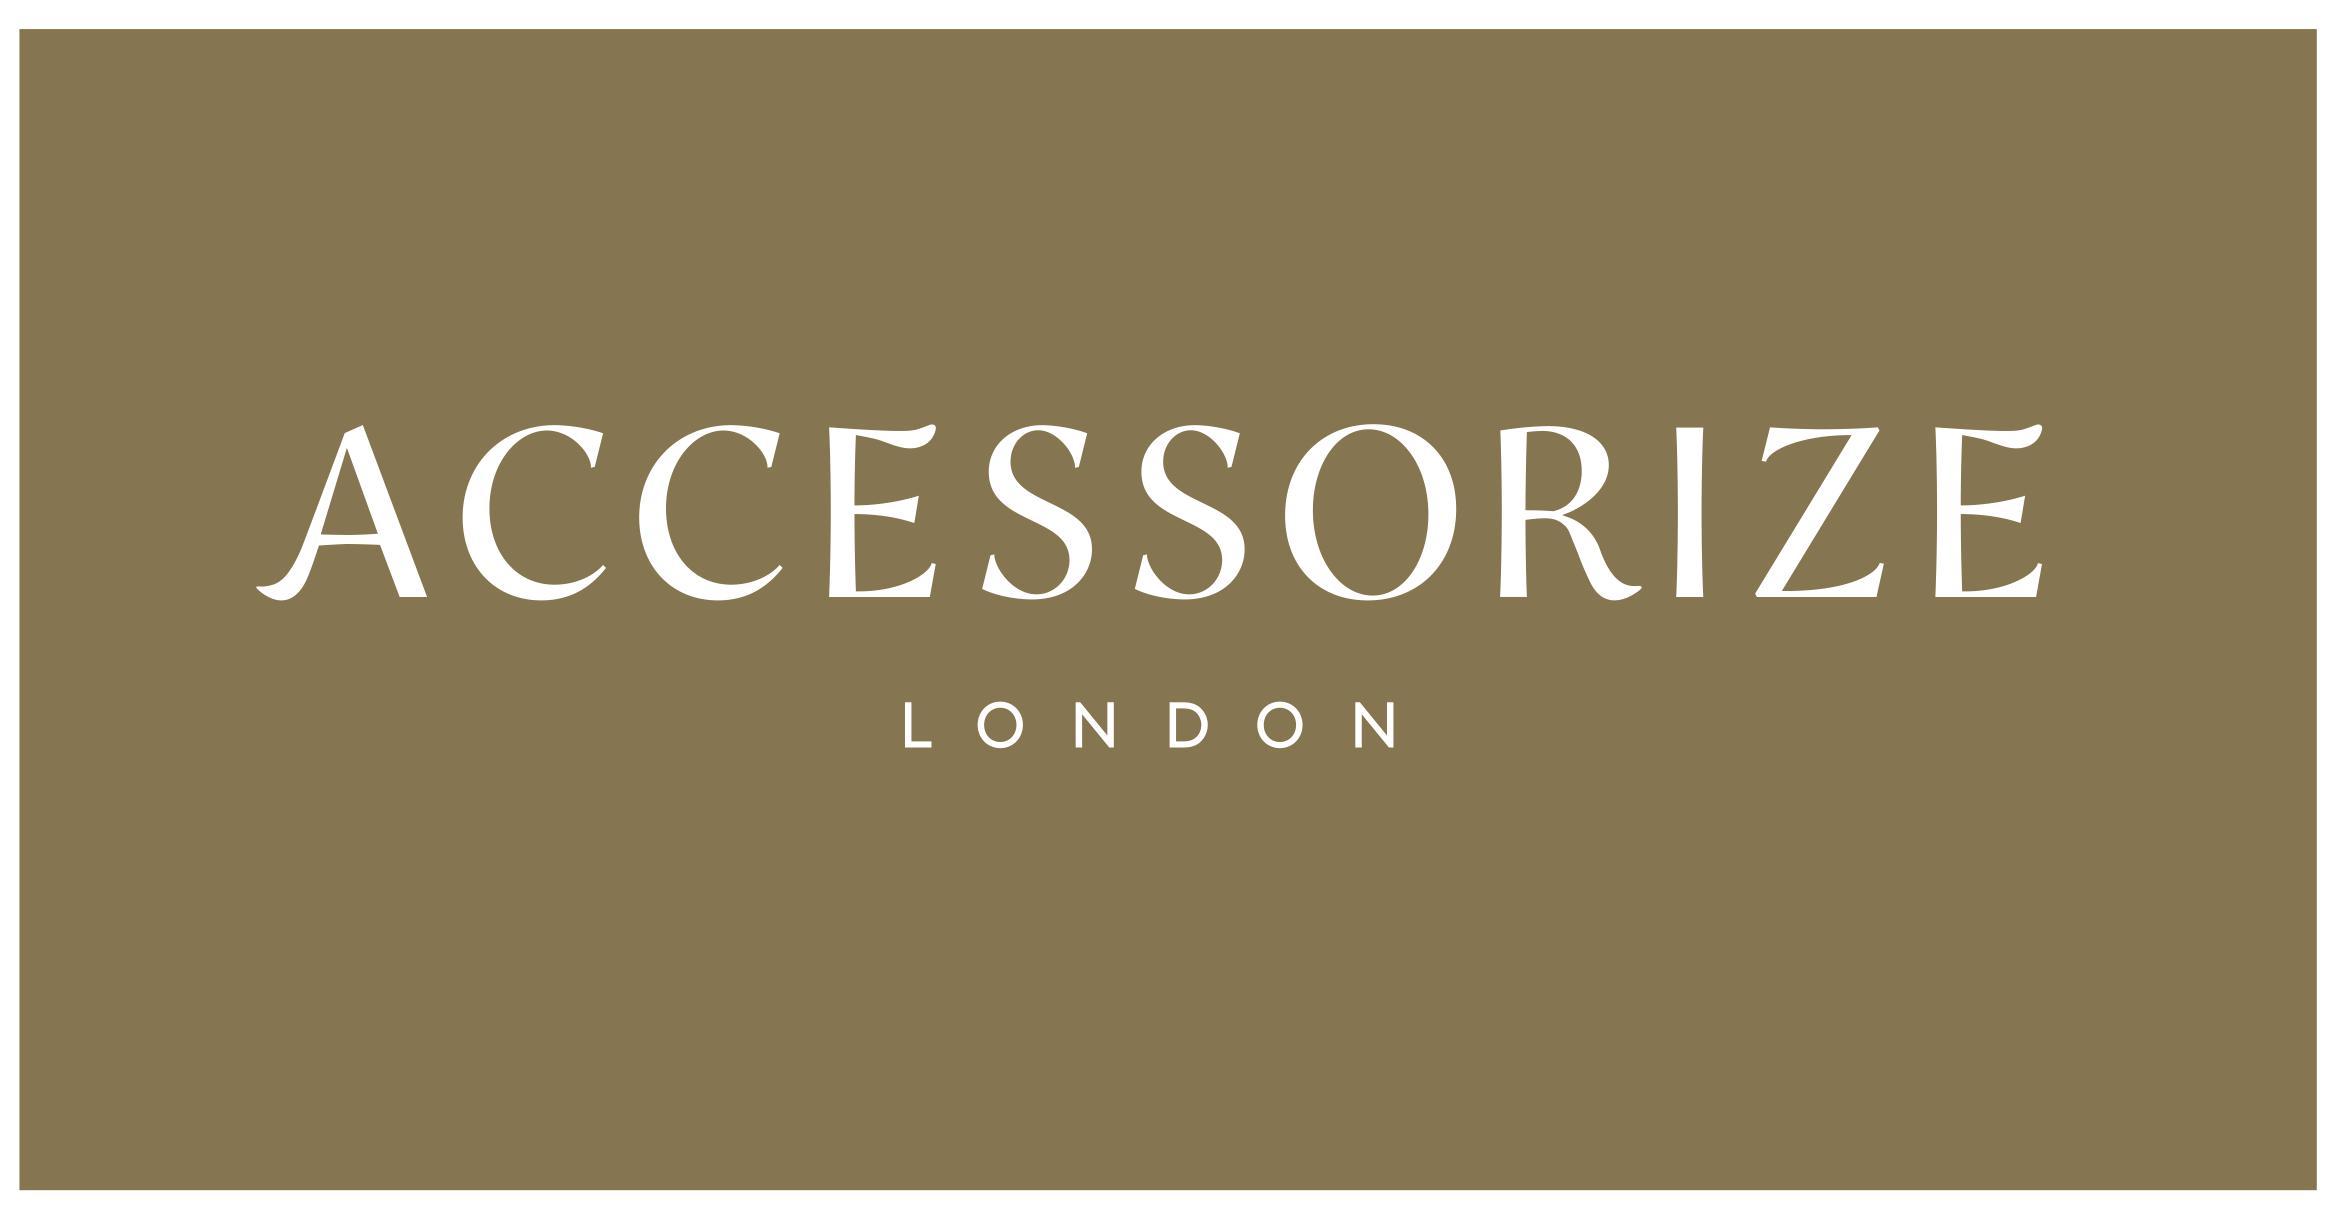 Accessorize London